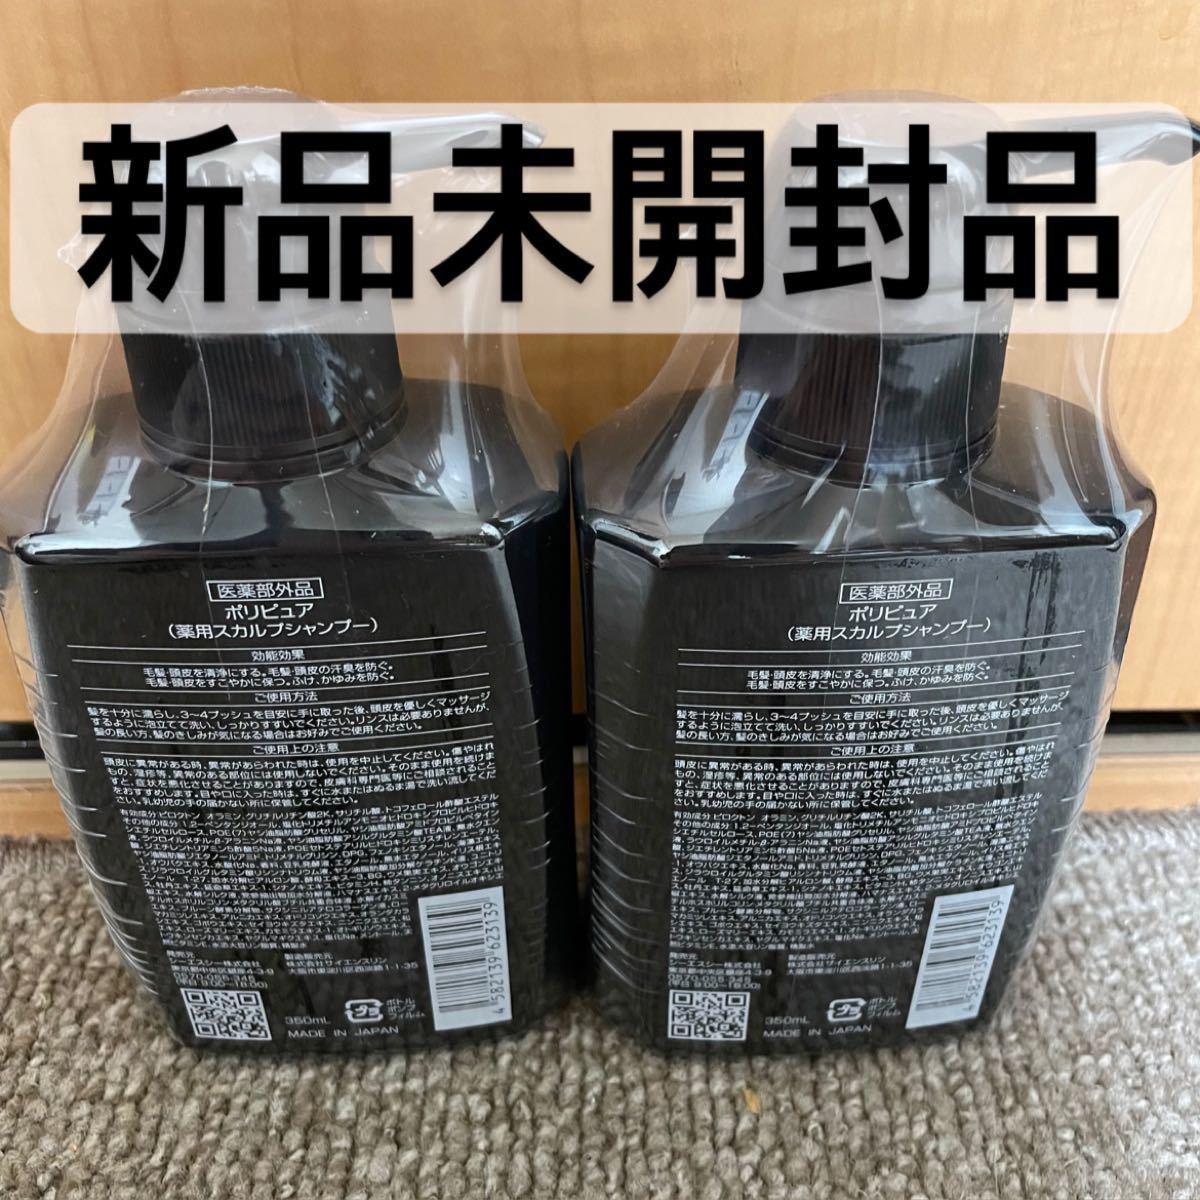 新品未開封品★ポリピュア  スカルプシャンプー 薬用 ポリピュアEX 2本セット